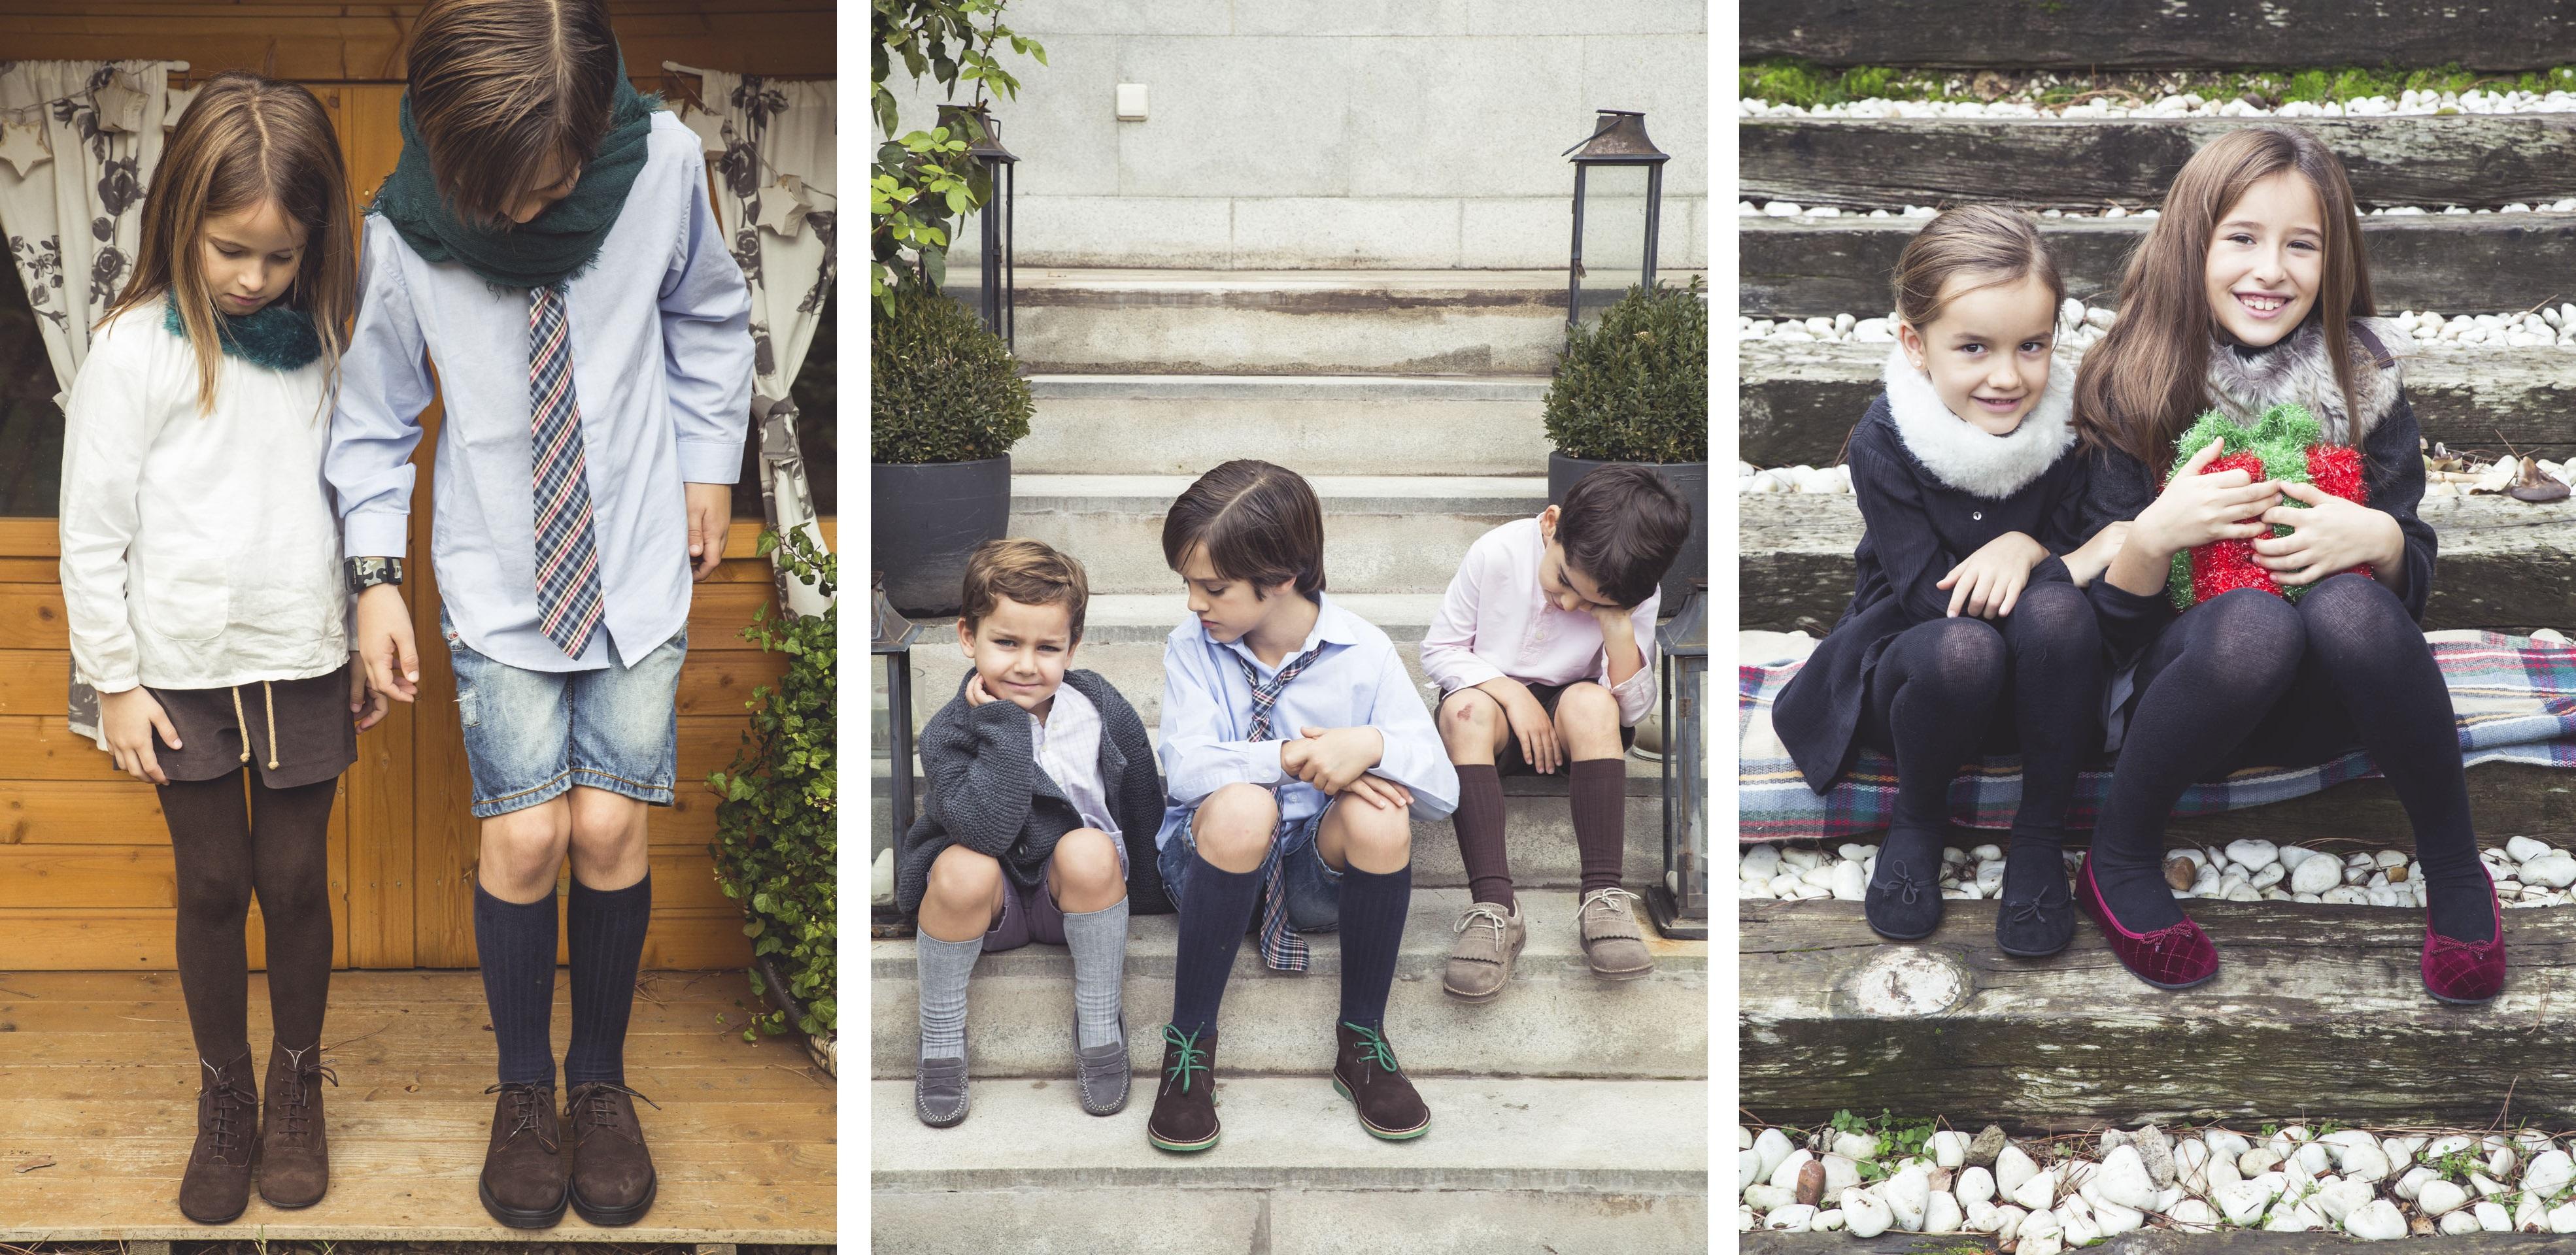 Pour noël, vos enfants avec des chaussures Pisamonas !